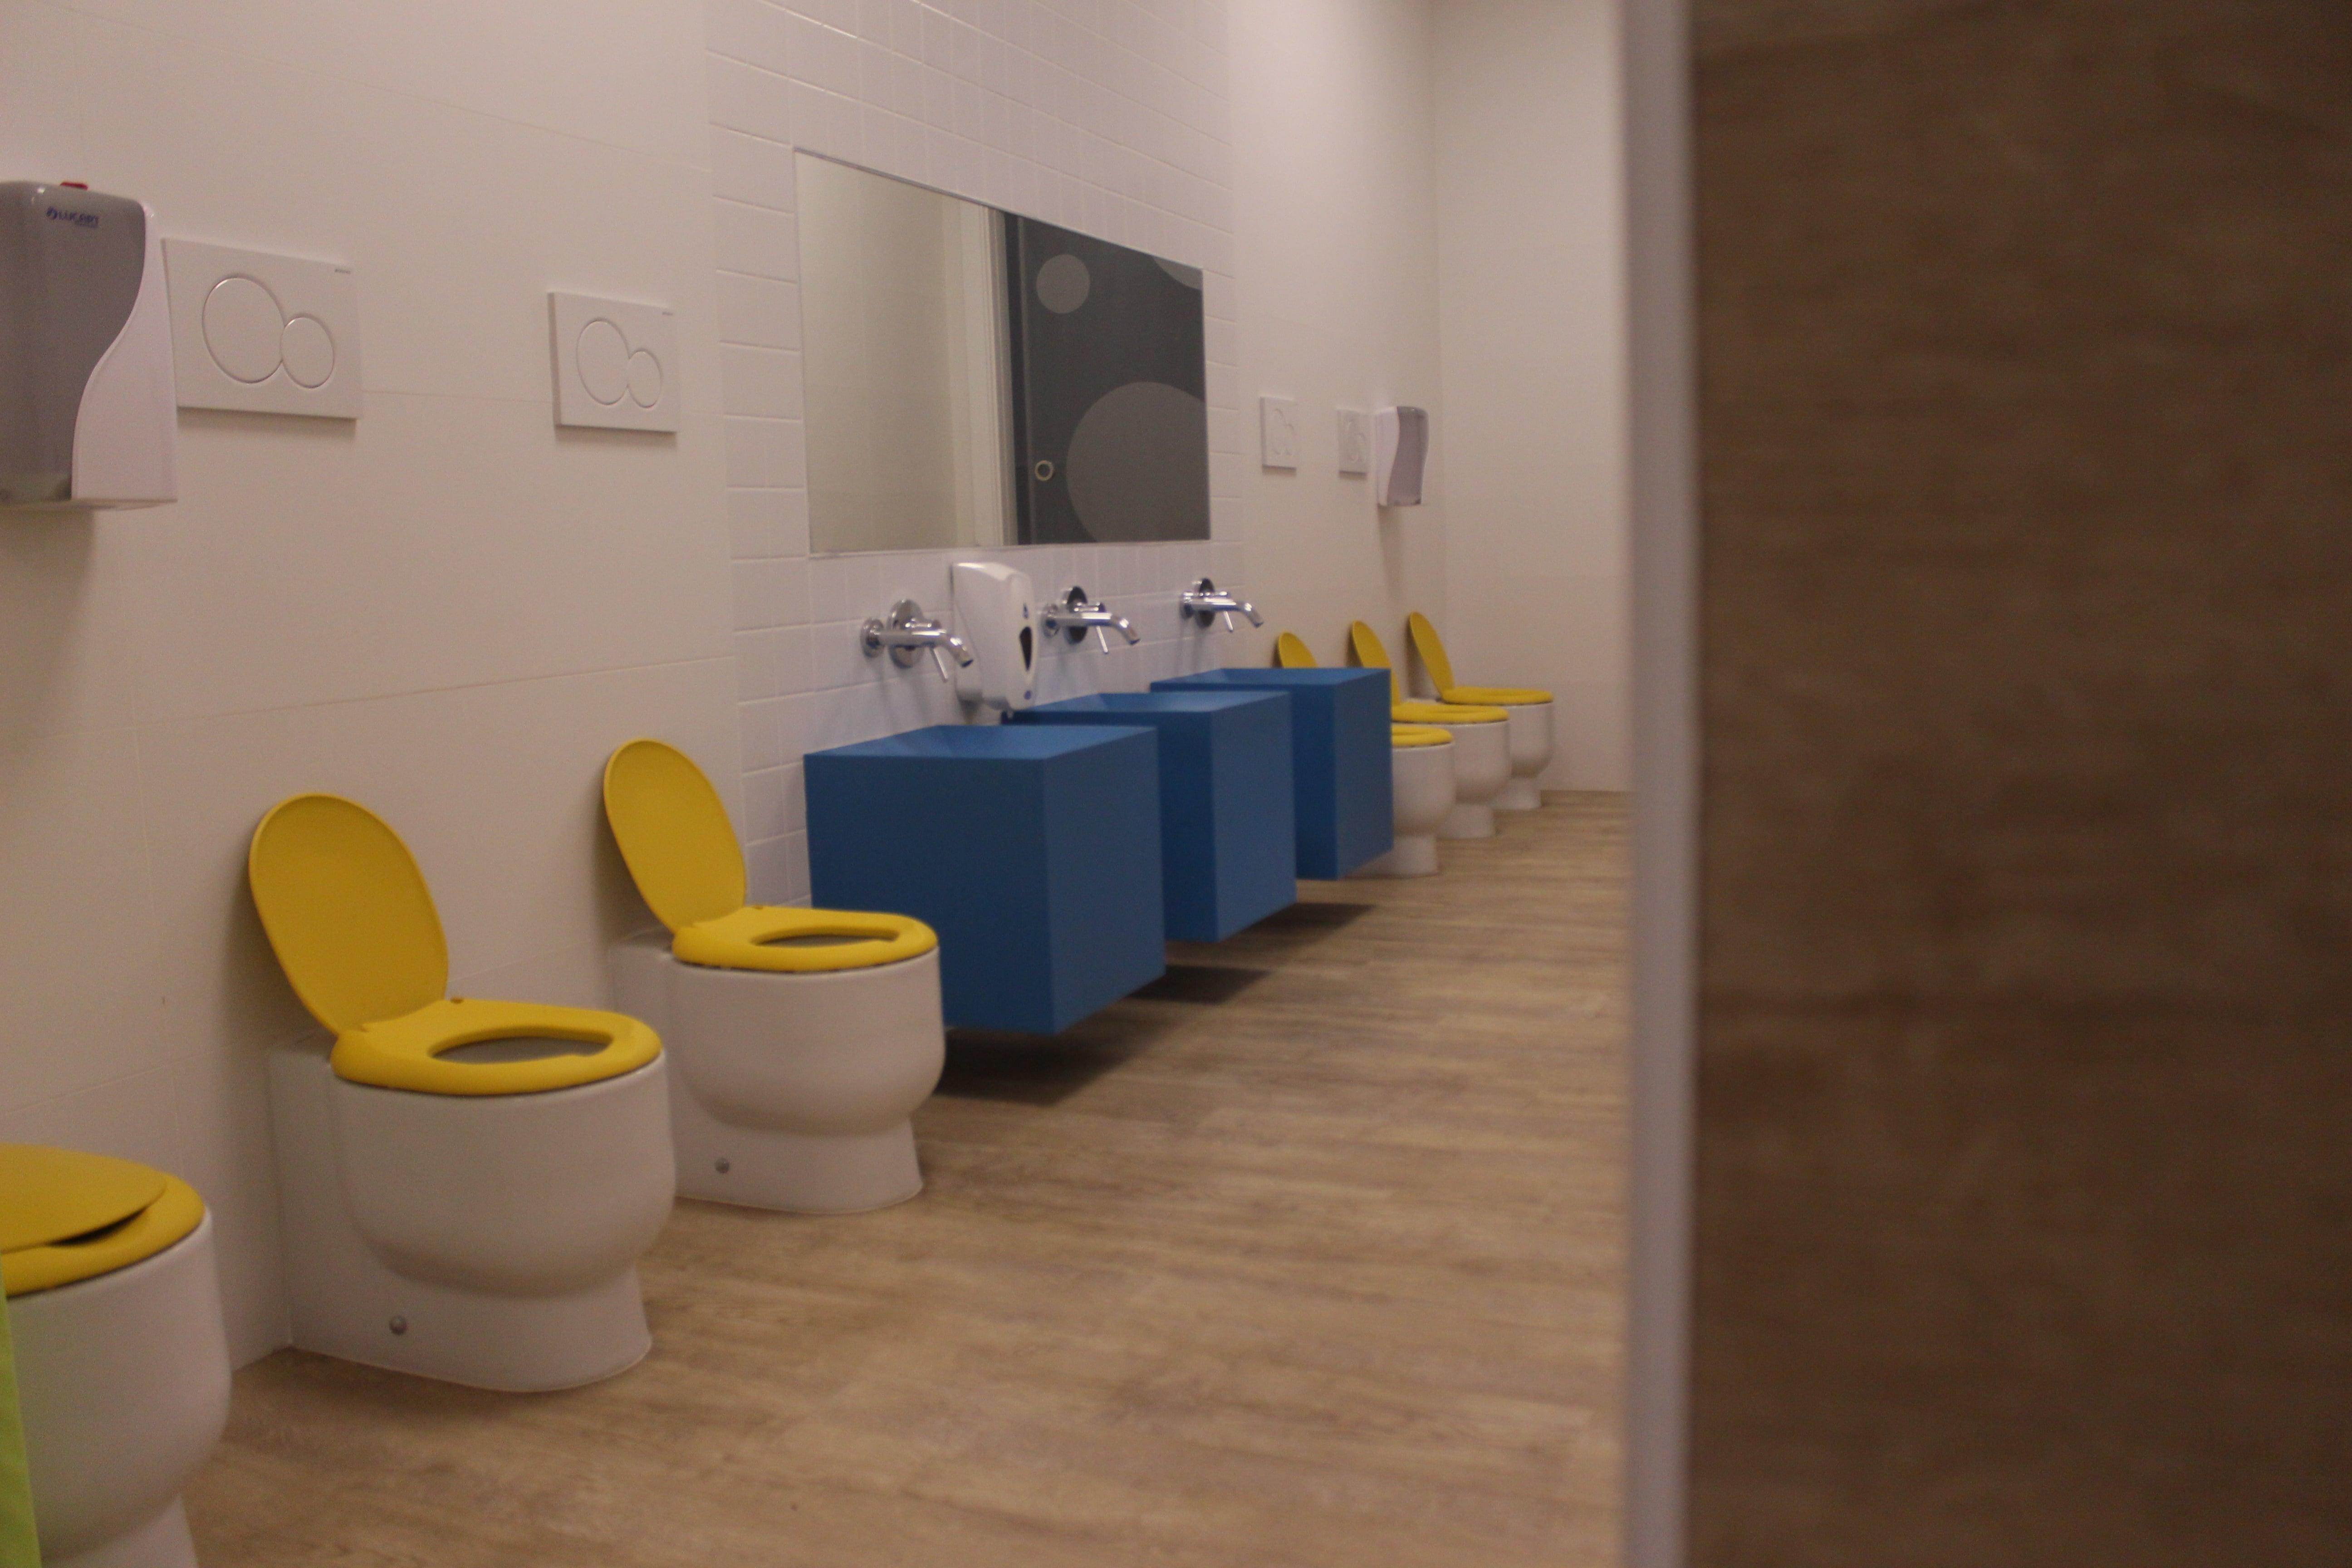 escuela infantil bilingüe en Valencia - baños